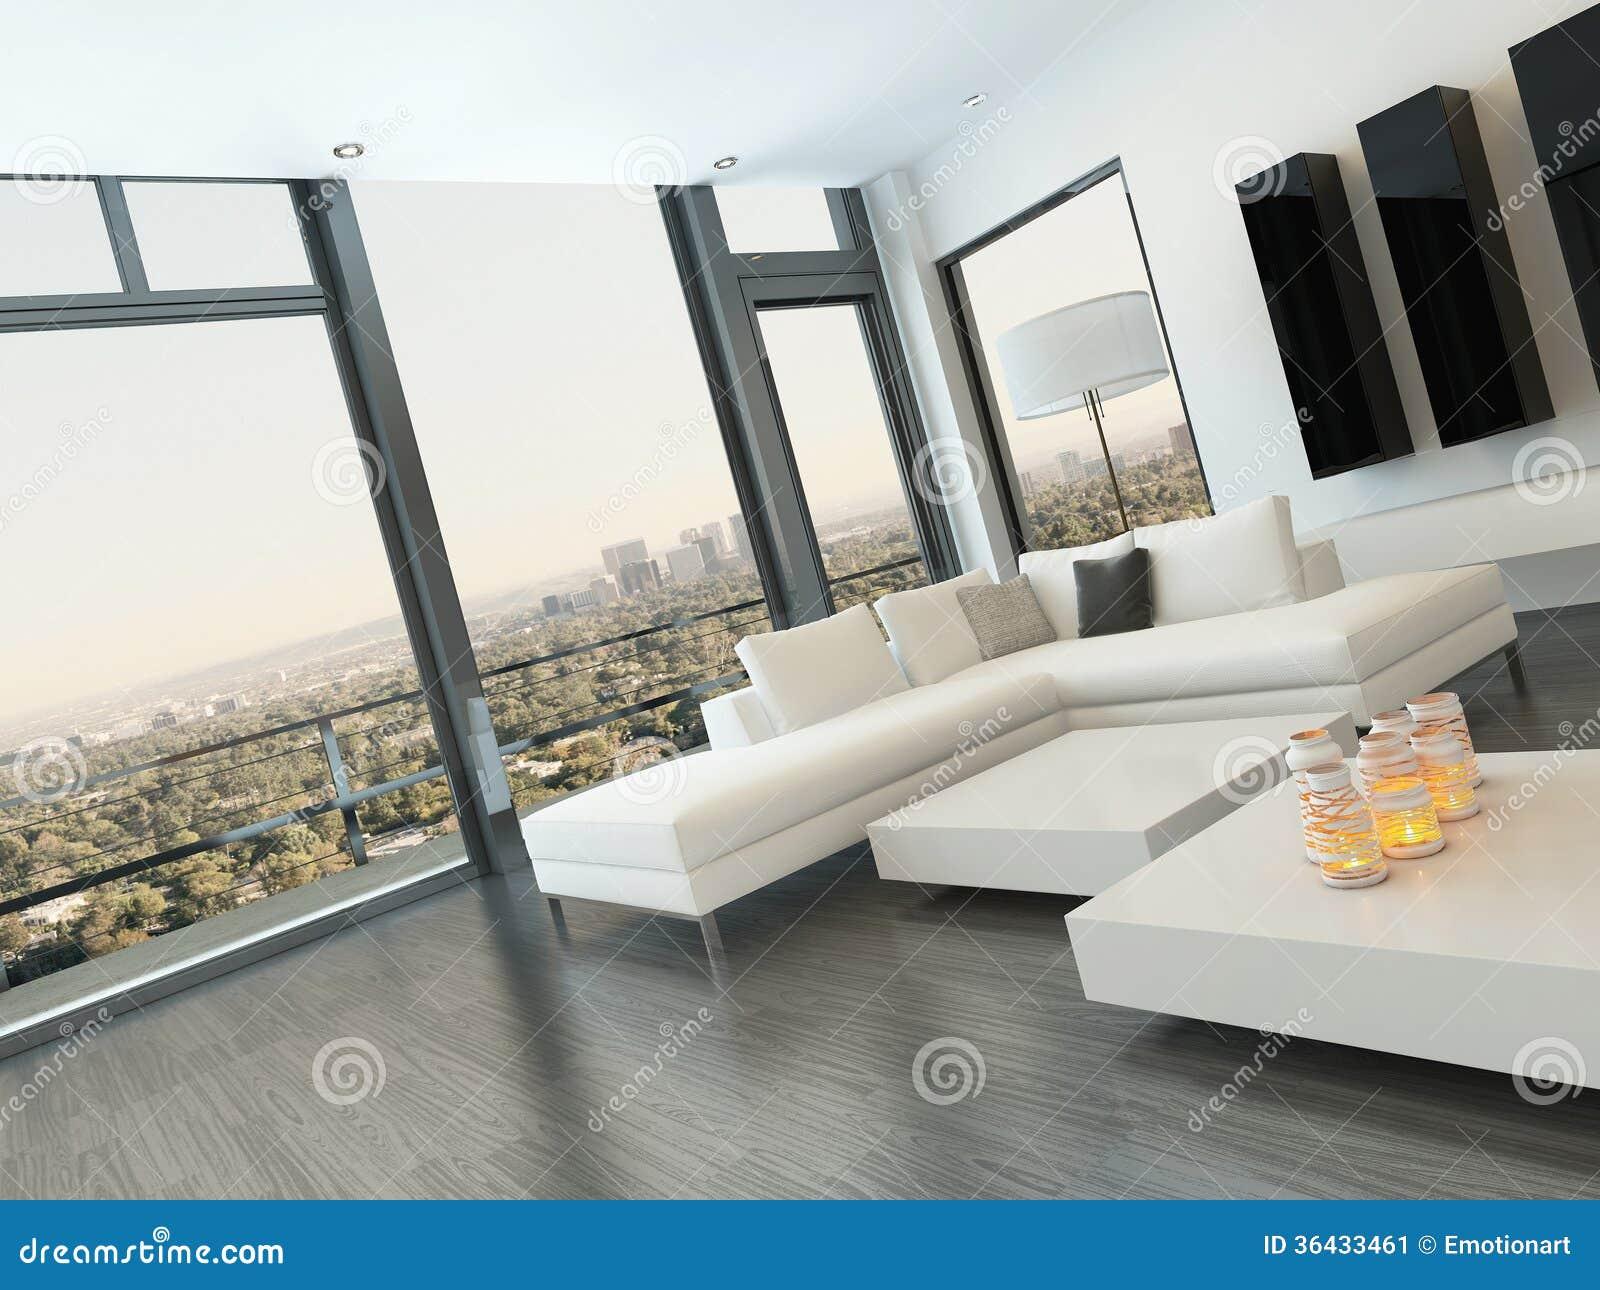 salon moderne deluxe solutions pour la d coration int rieure de votre maison. Black Bedroom Furniture Sets. Home Design Ideas